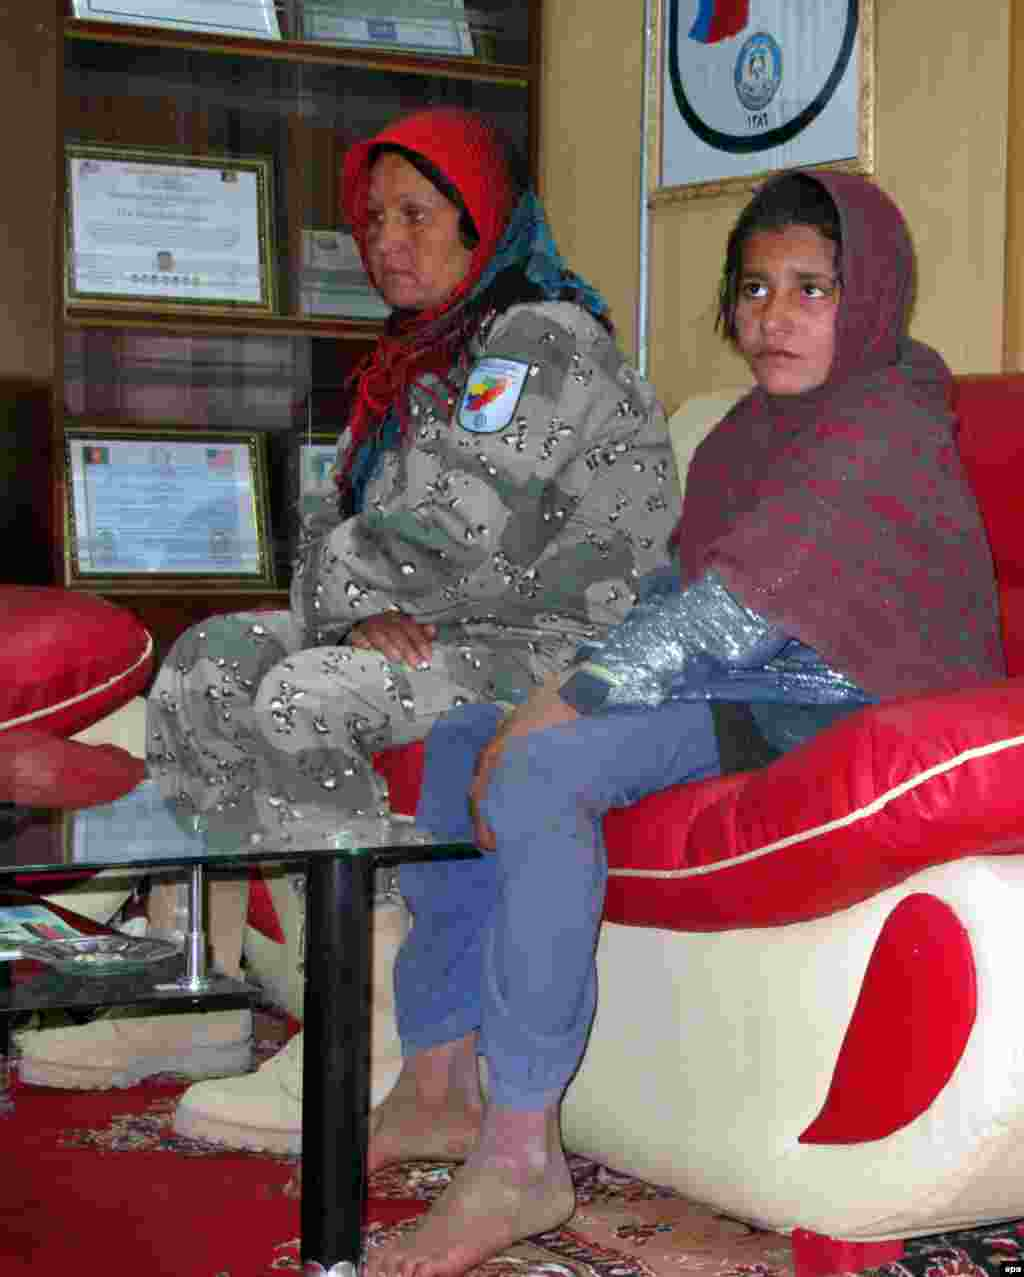 6 января афганская полиция задержала девочку, на которой был «пояс смертника». Как сообщили в полиции, она собиралась подорвать себя вблизи полицейского участка в провинции Гильменд, однако ей не удалось это сделать. Предполагается, что совершить самоподрыв девочку уговорил её брат - один из полевых командиров талибов. Однако талибы опровергли причастность боевиков к инциденту с девочкой. Один из лидеров талибов, Кари Юсеф Ахмади, назвал обвинения «пропагандой» афганского правительства. Он утверждает, что, в соответствии с правилами талибов, смертниками могут быть только взрослые мужчины-добровольцы.